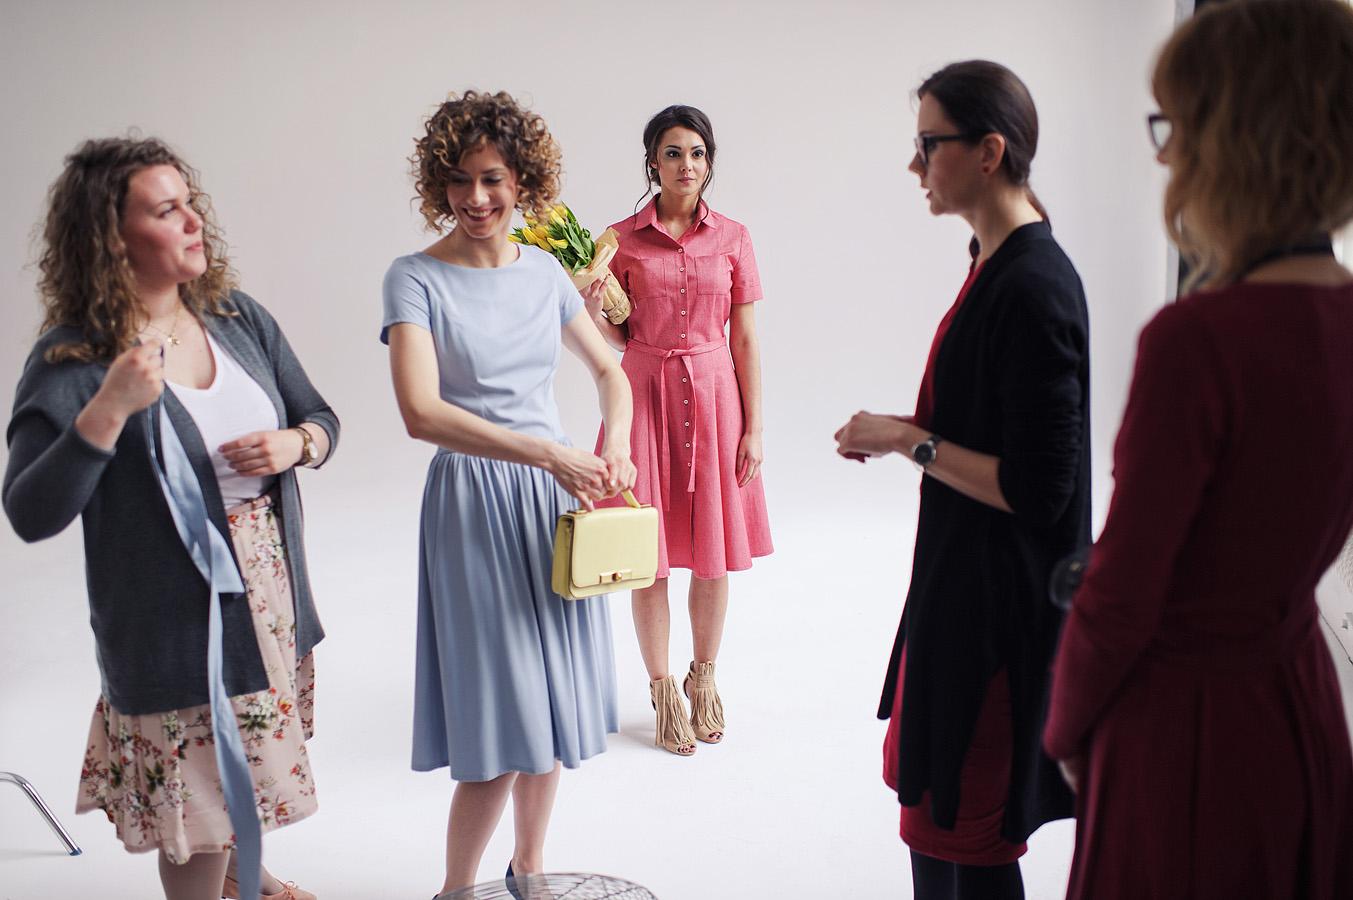 10 maja 2017 - sesja Marie Zélie, produkcja Innooka (Kasia Gwizdała)